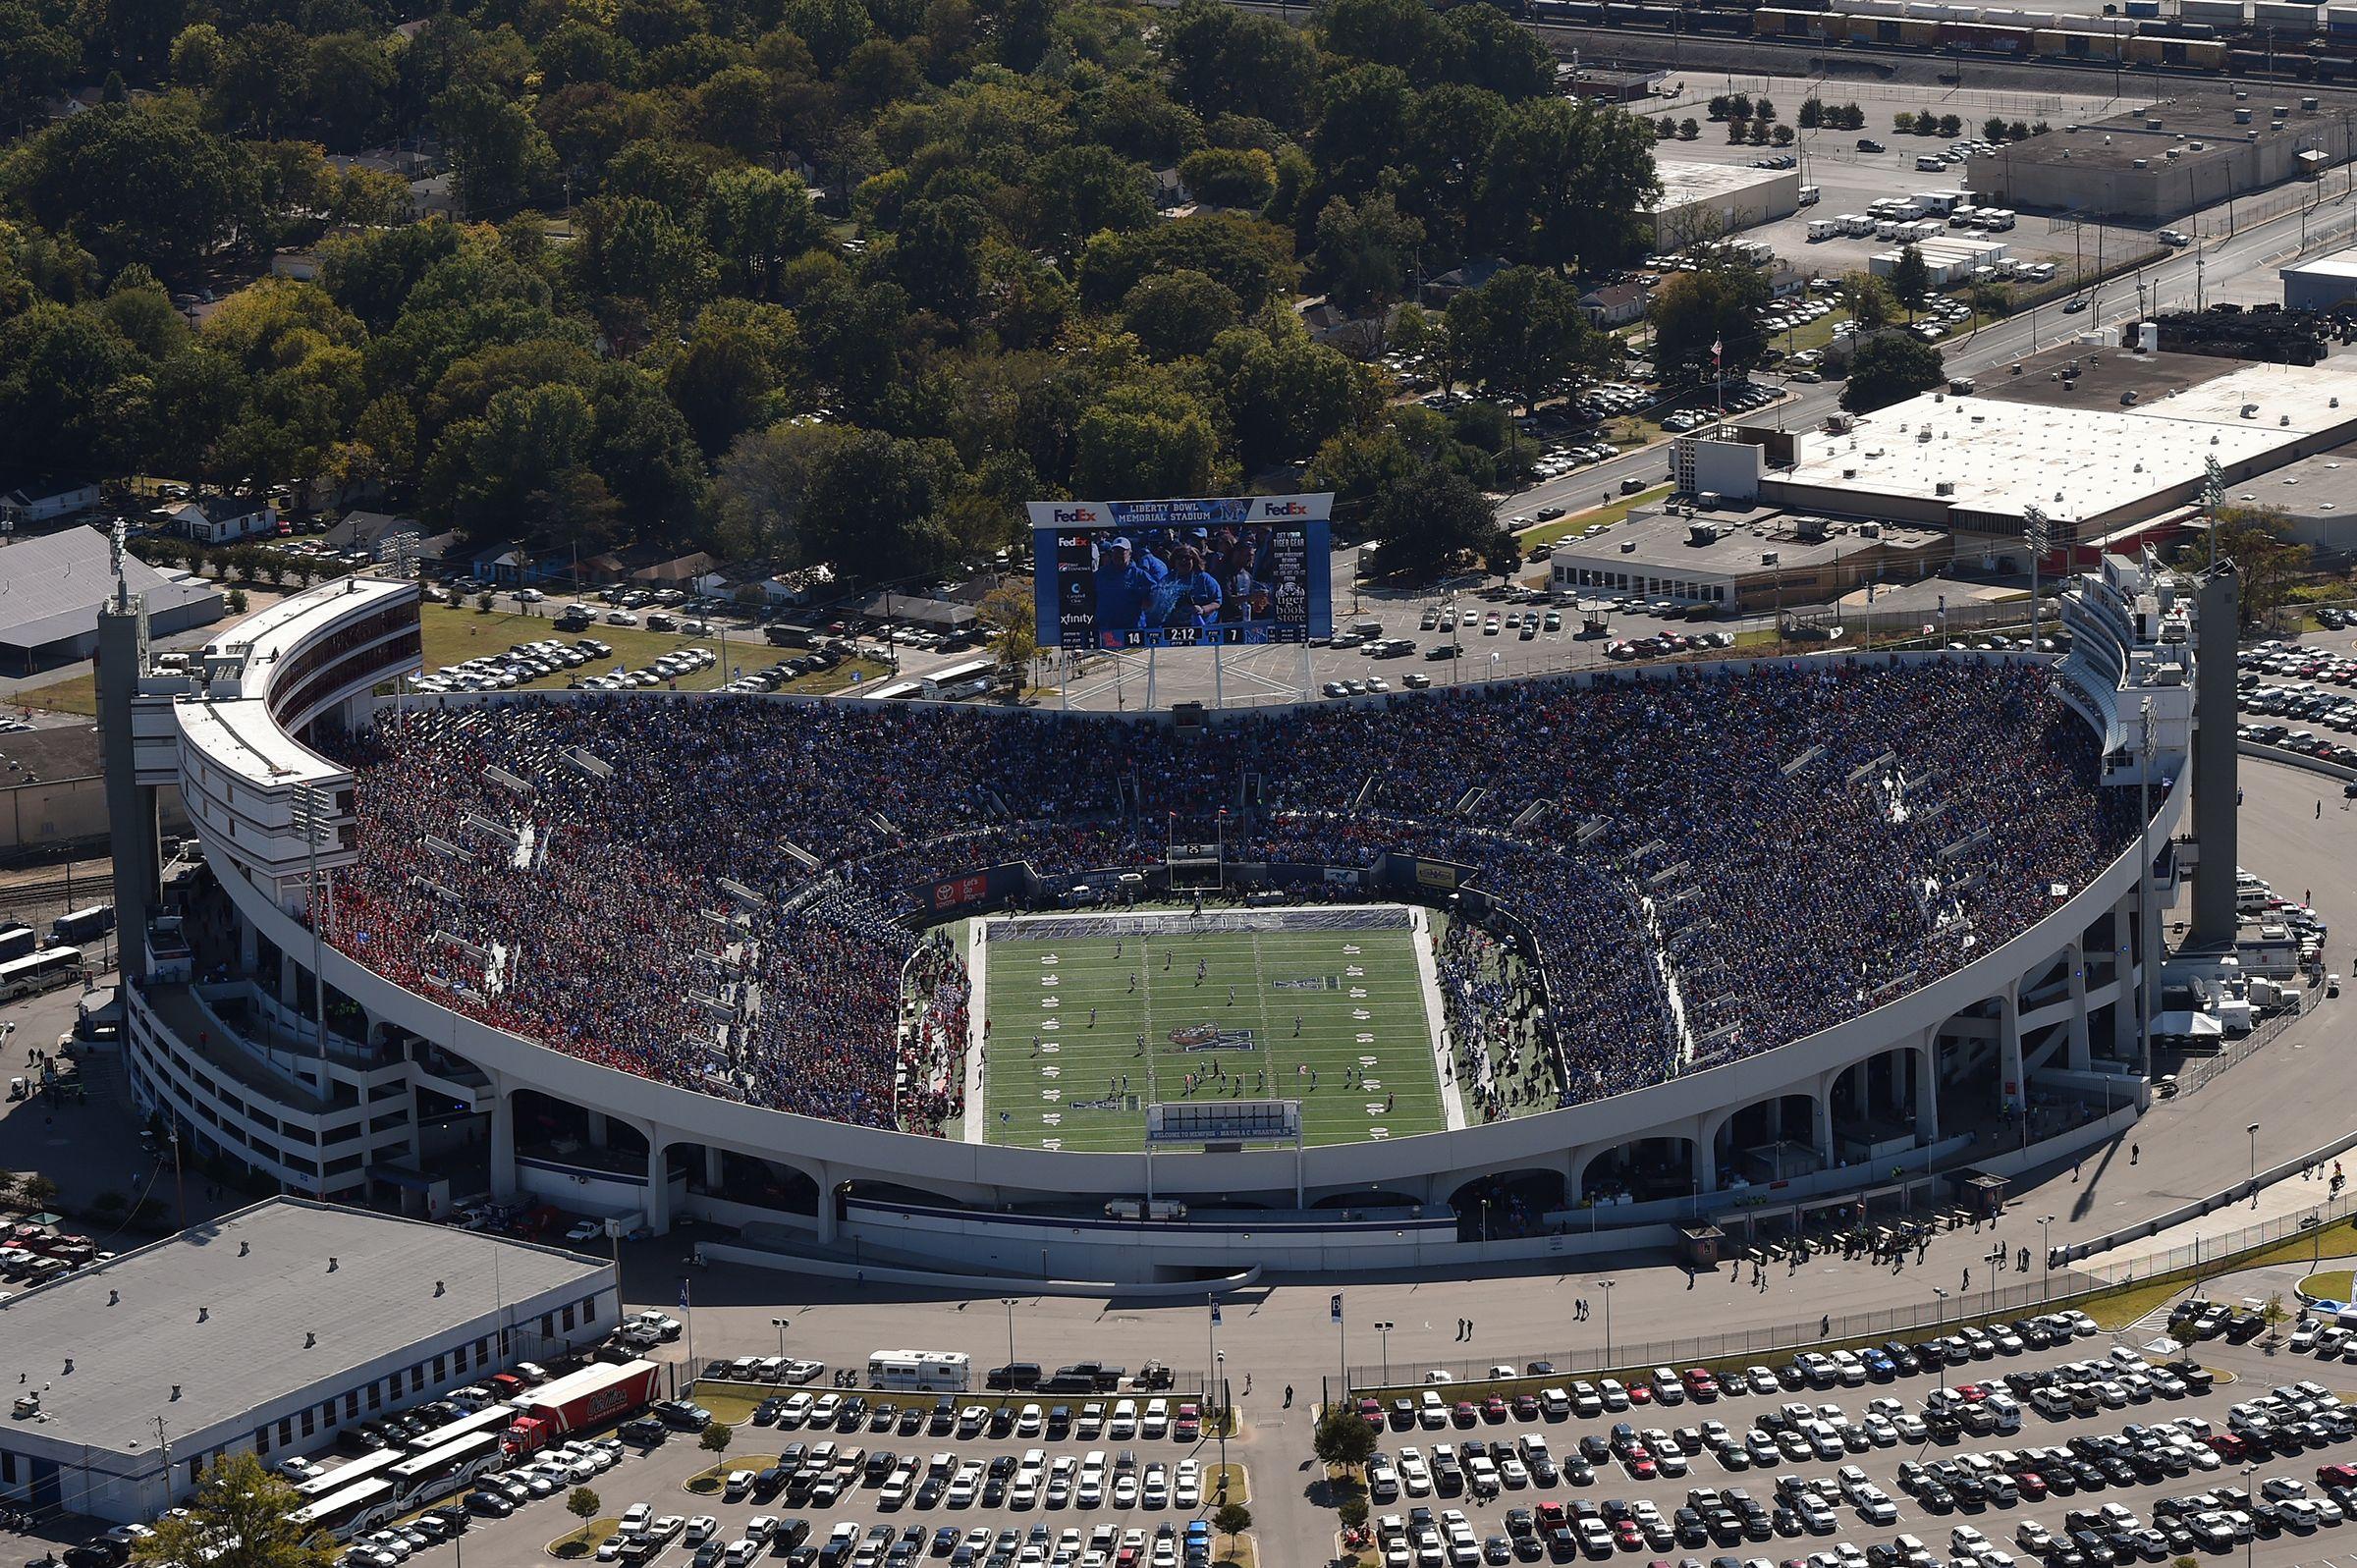 Liberty bowl memorial stadium in 2020 liberty bowl